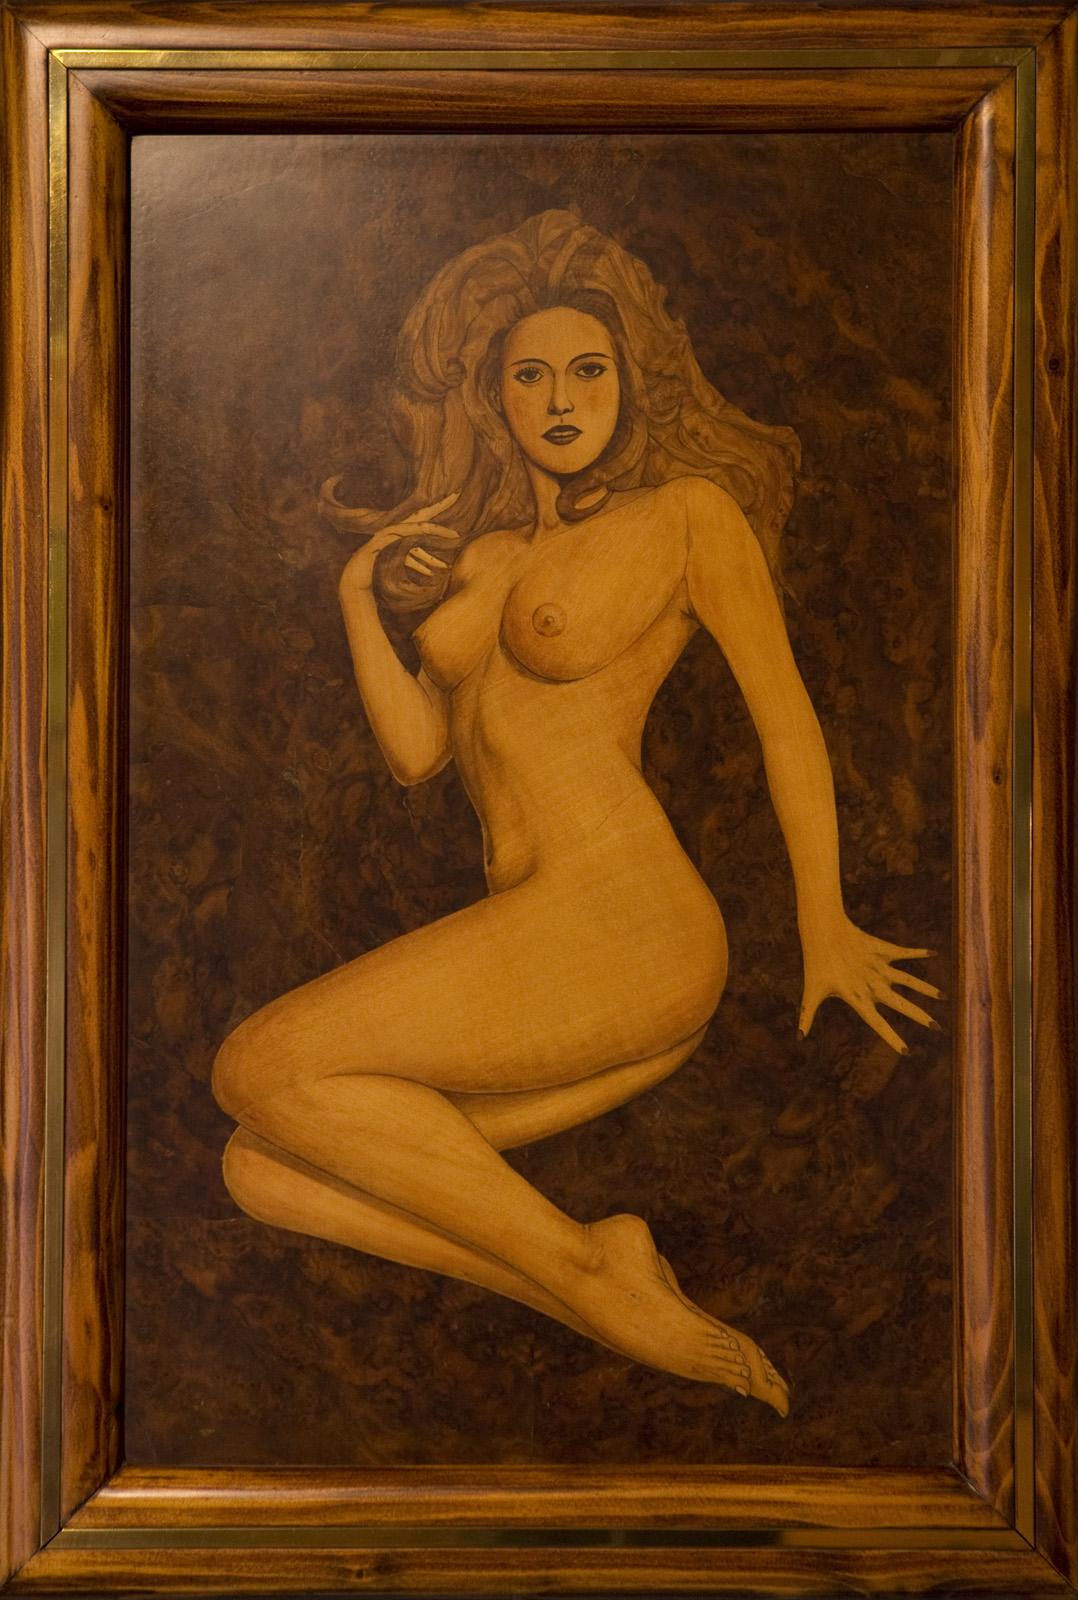 Opere arte intarsio legno quadri e varie tecniche Venezia | Carlo ...